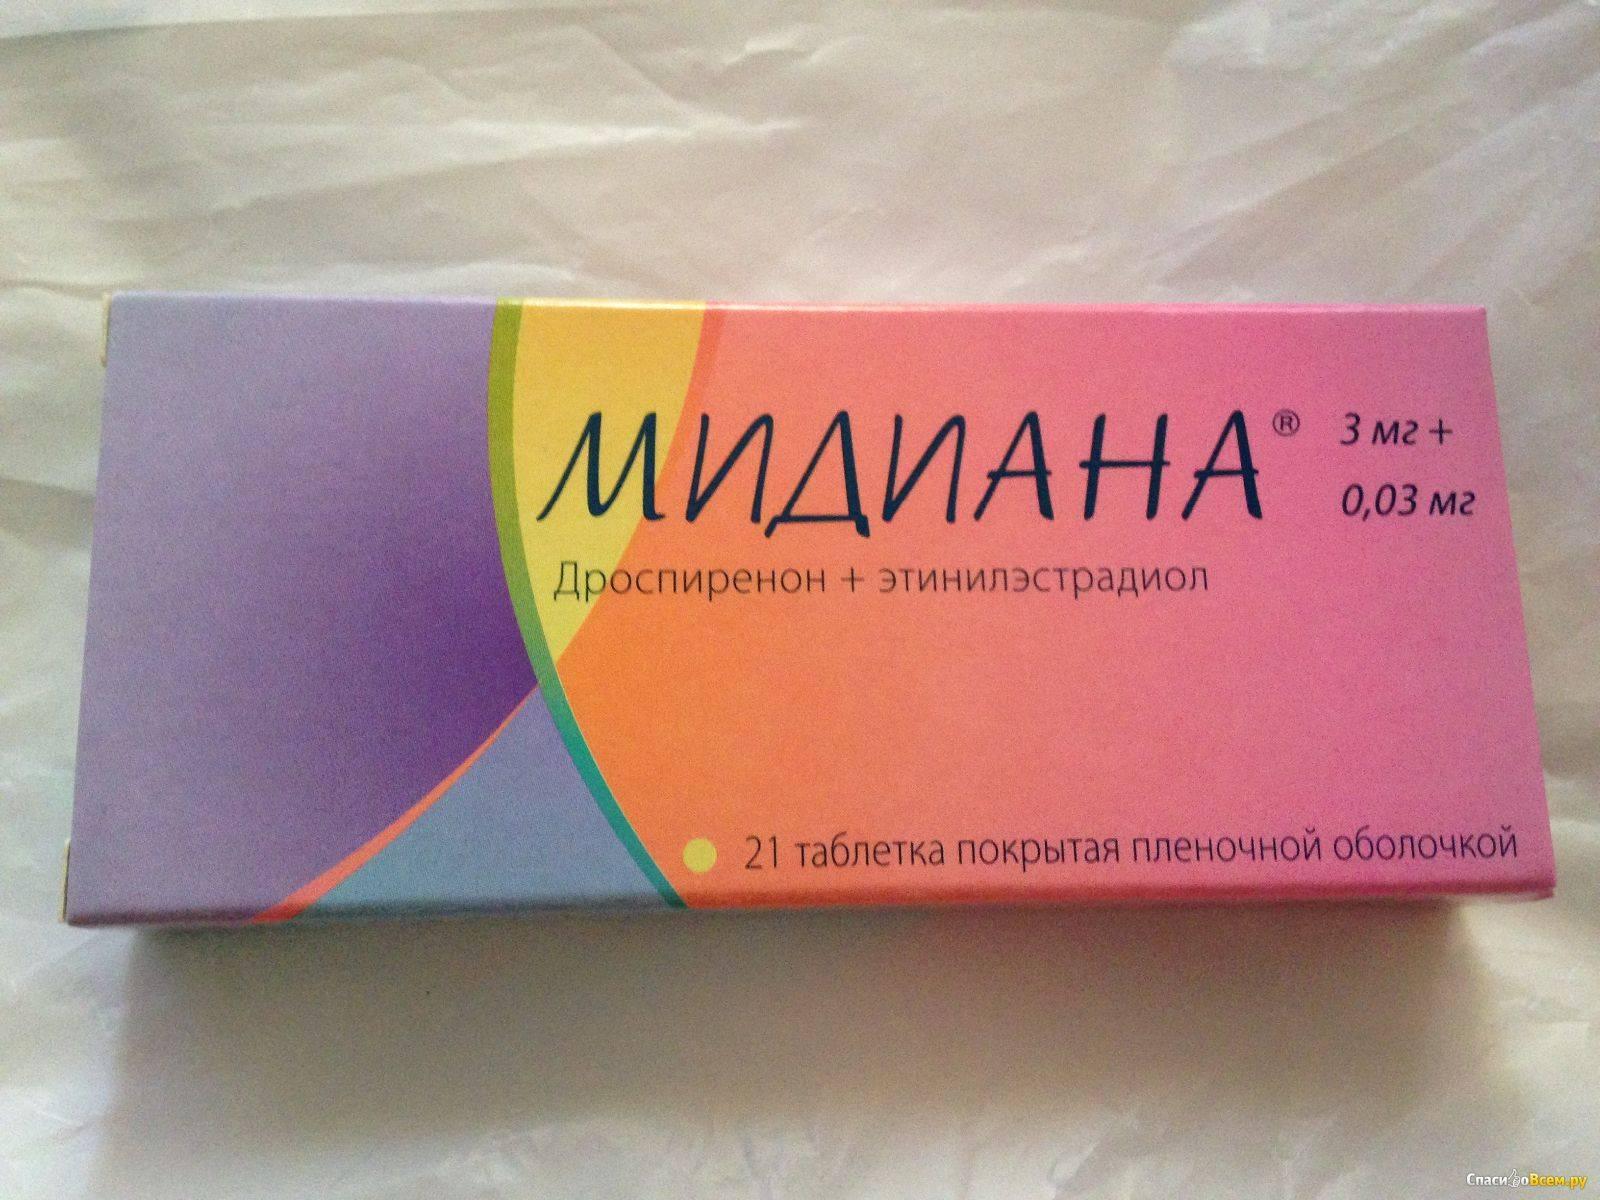 Противозачаточные таблетки: названия, состав, выбор, применение